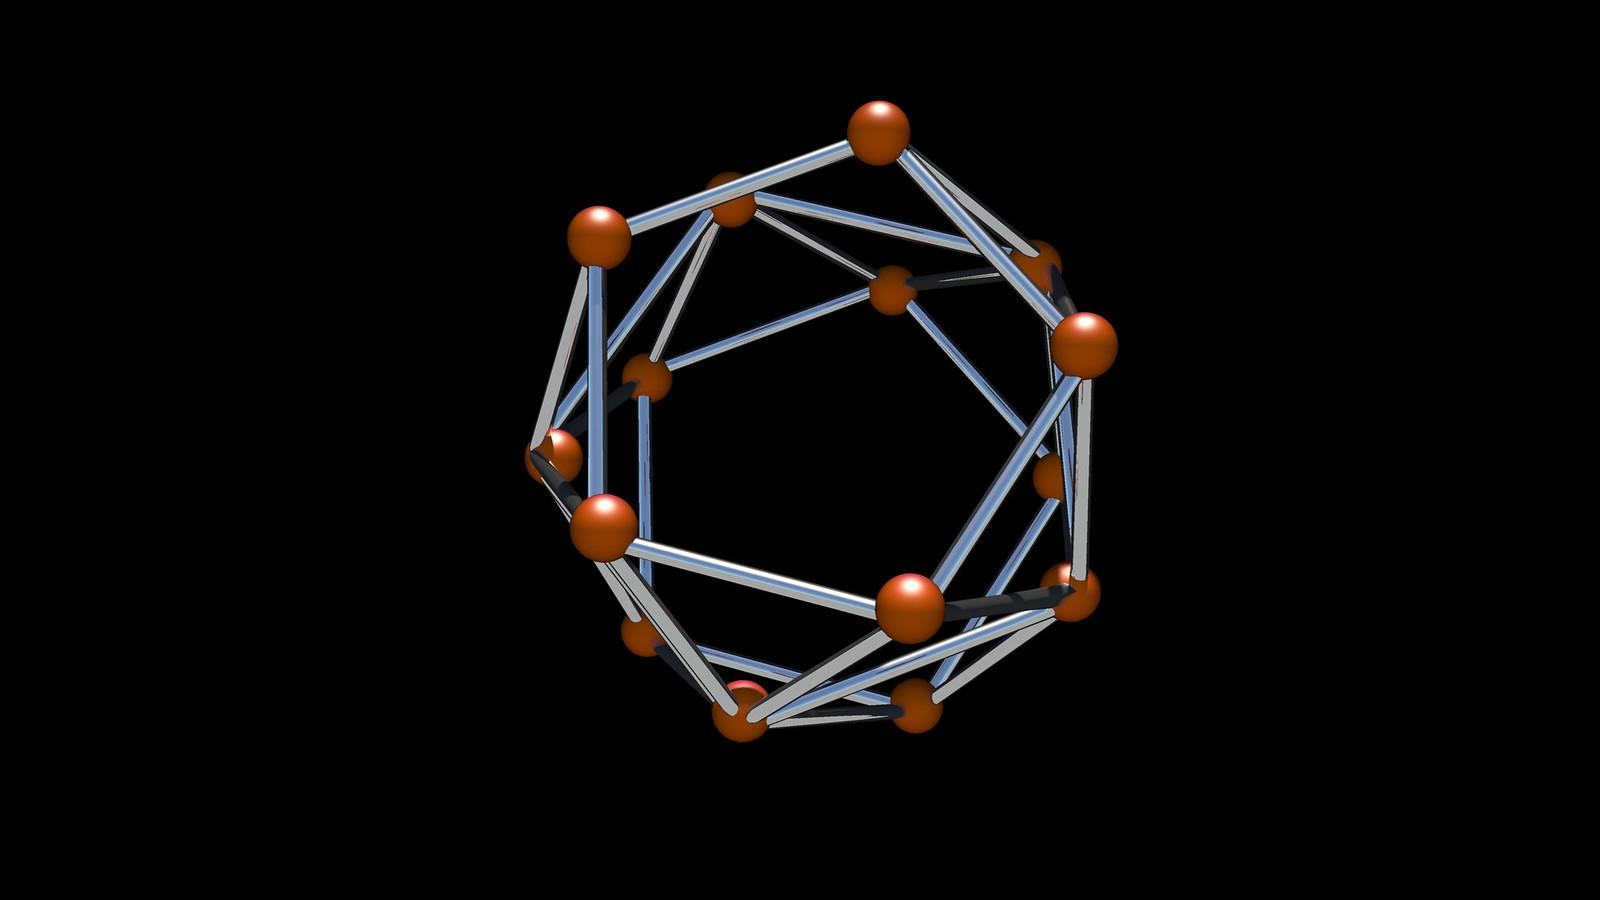 pentagono_drum_97